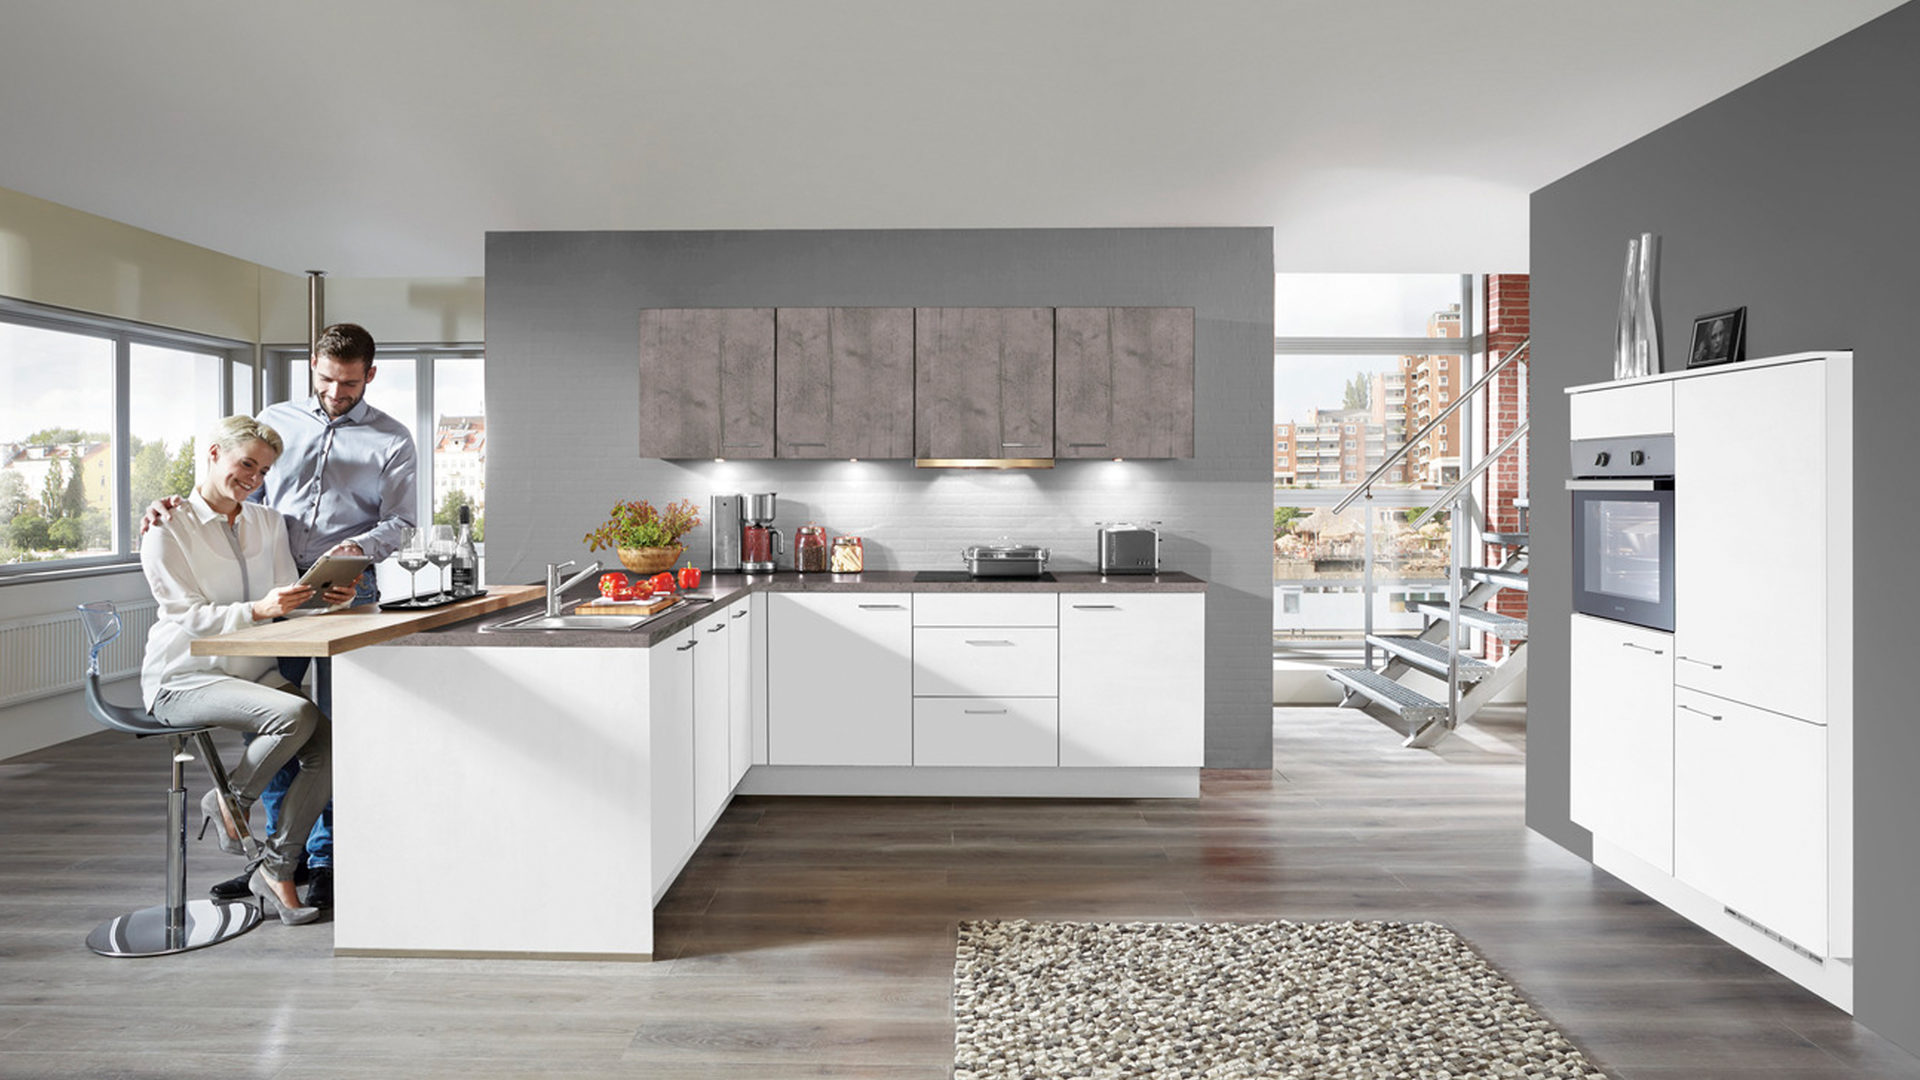 Universal Gorenje Kühlschrank : Einbauküche mit gorenje elektrogeräten wie kühlschrank weiße